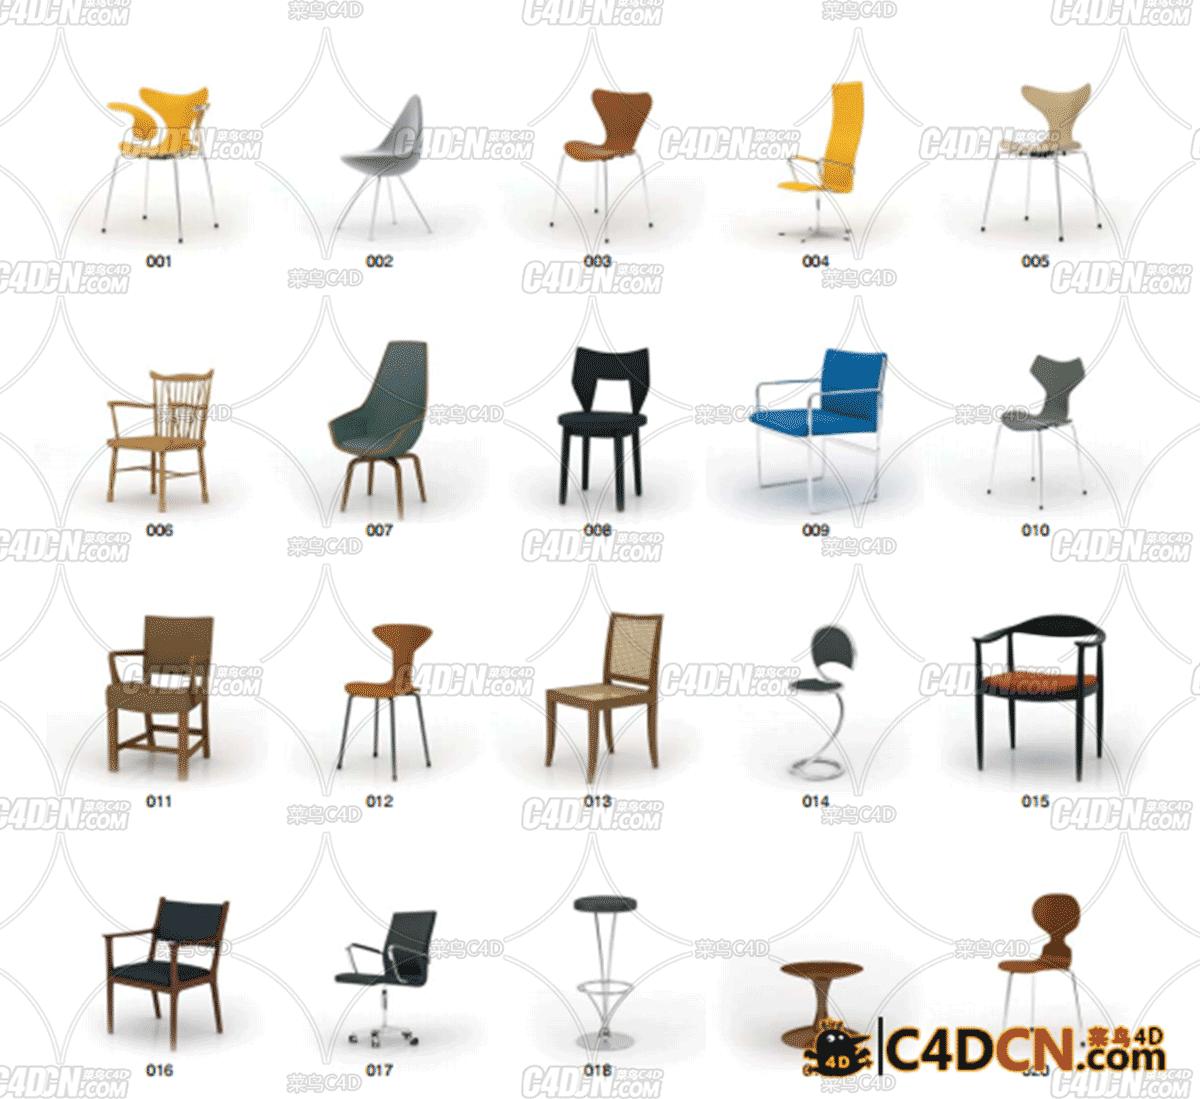 VOL.08(MAX)时尚椅子+桌子+橱柜合集